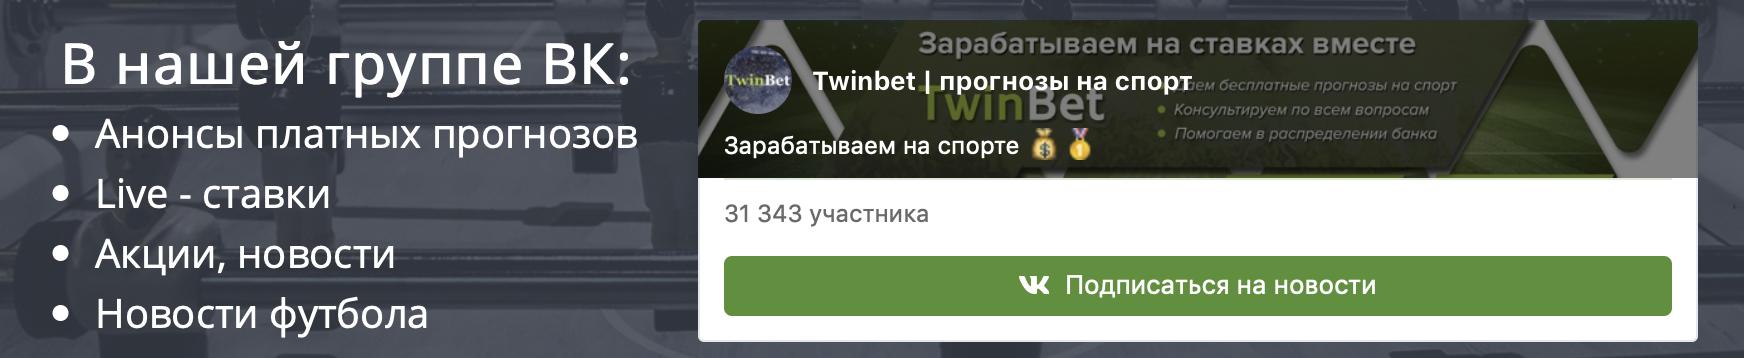 TwinBet вконтакте